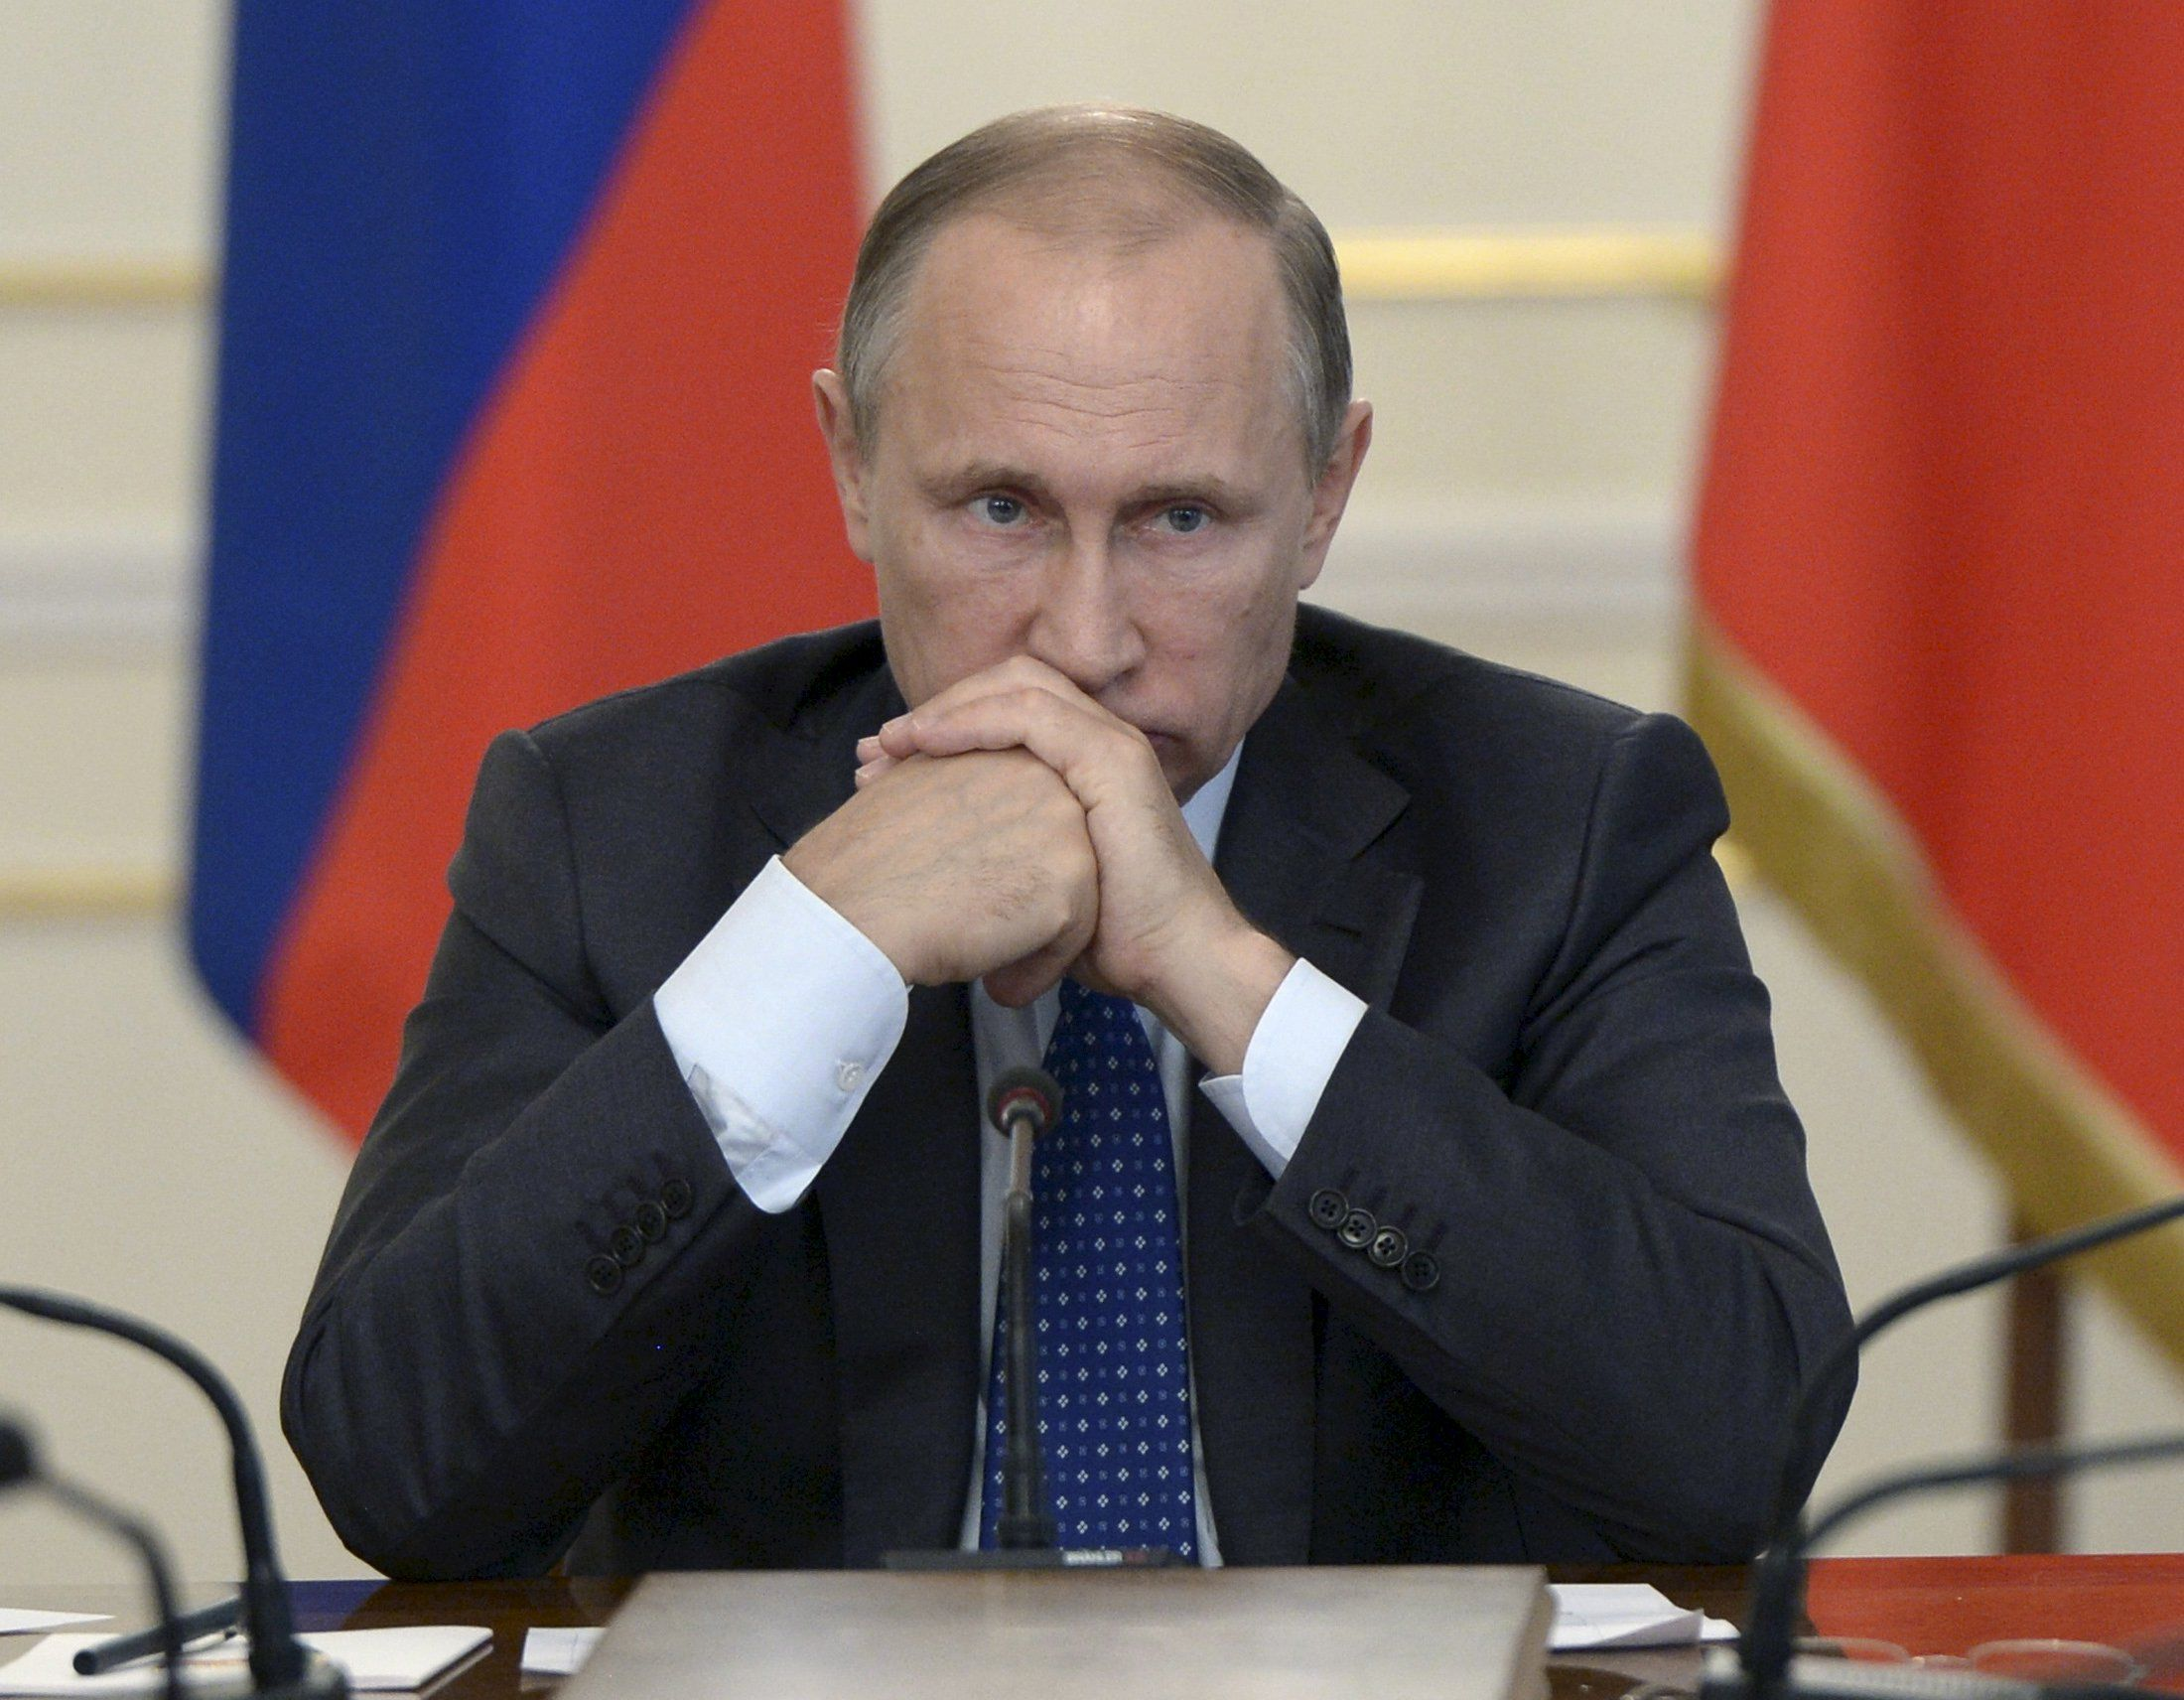 2015-08-05T133748Z_1886734453_GF20000014242_RTRMADP_3_RUSSIA-POLITICS